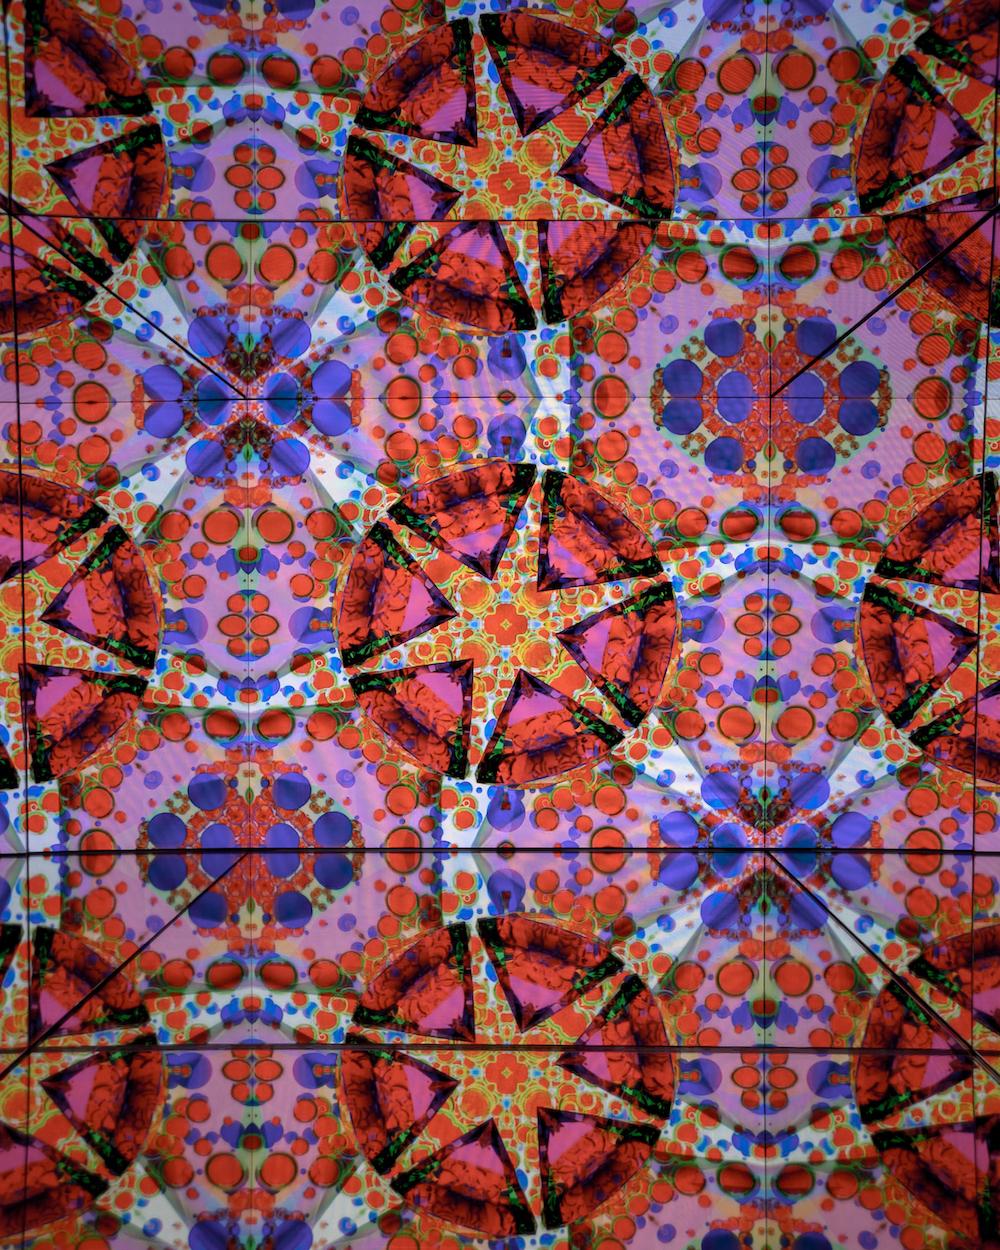 Kaleidoscope - Reflecting Forward